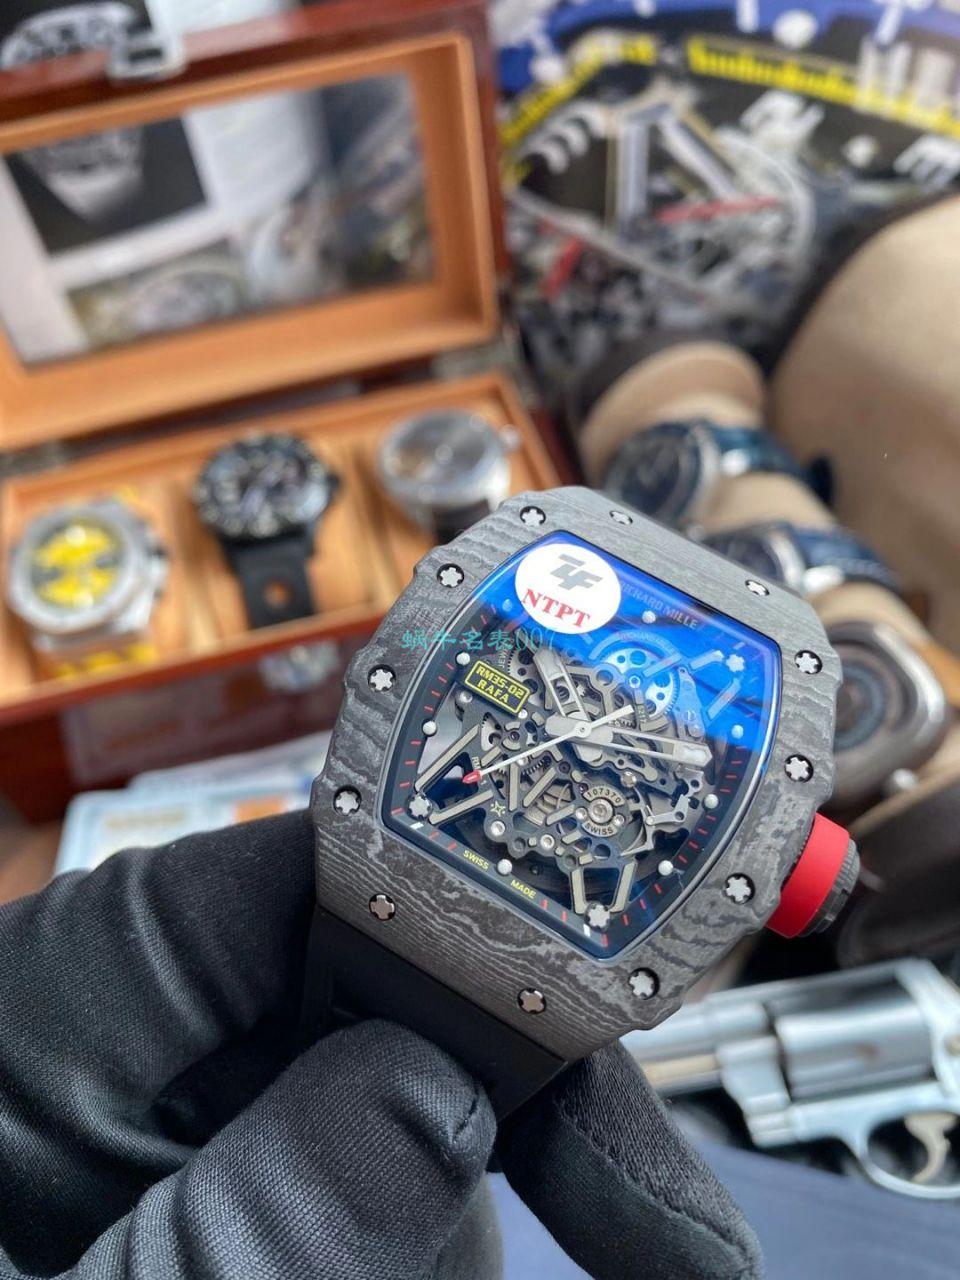 【视频评测】ZF厂1比1高仿理查德米勒手表Richard Mille V3版本RM035-02 / ZFRM035-02V3